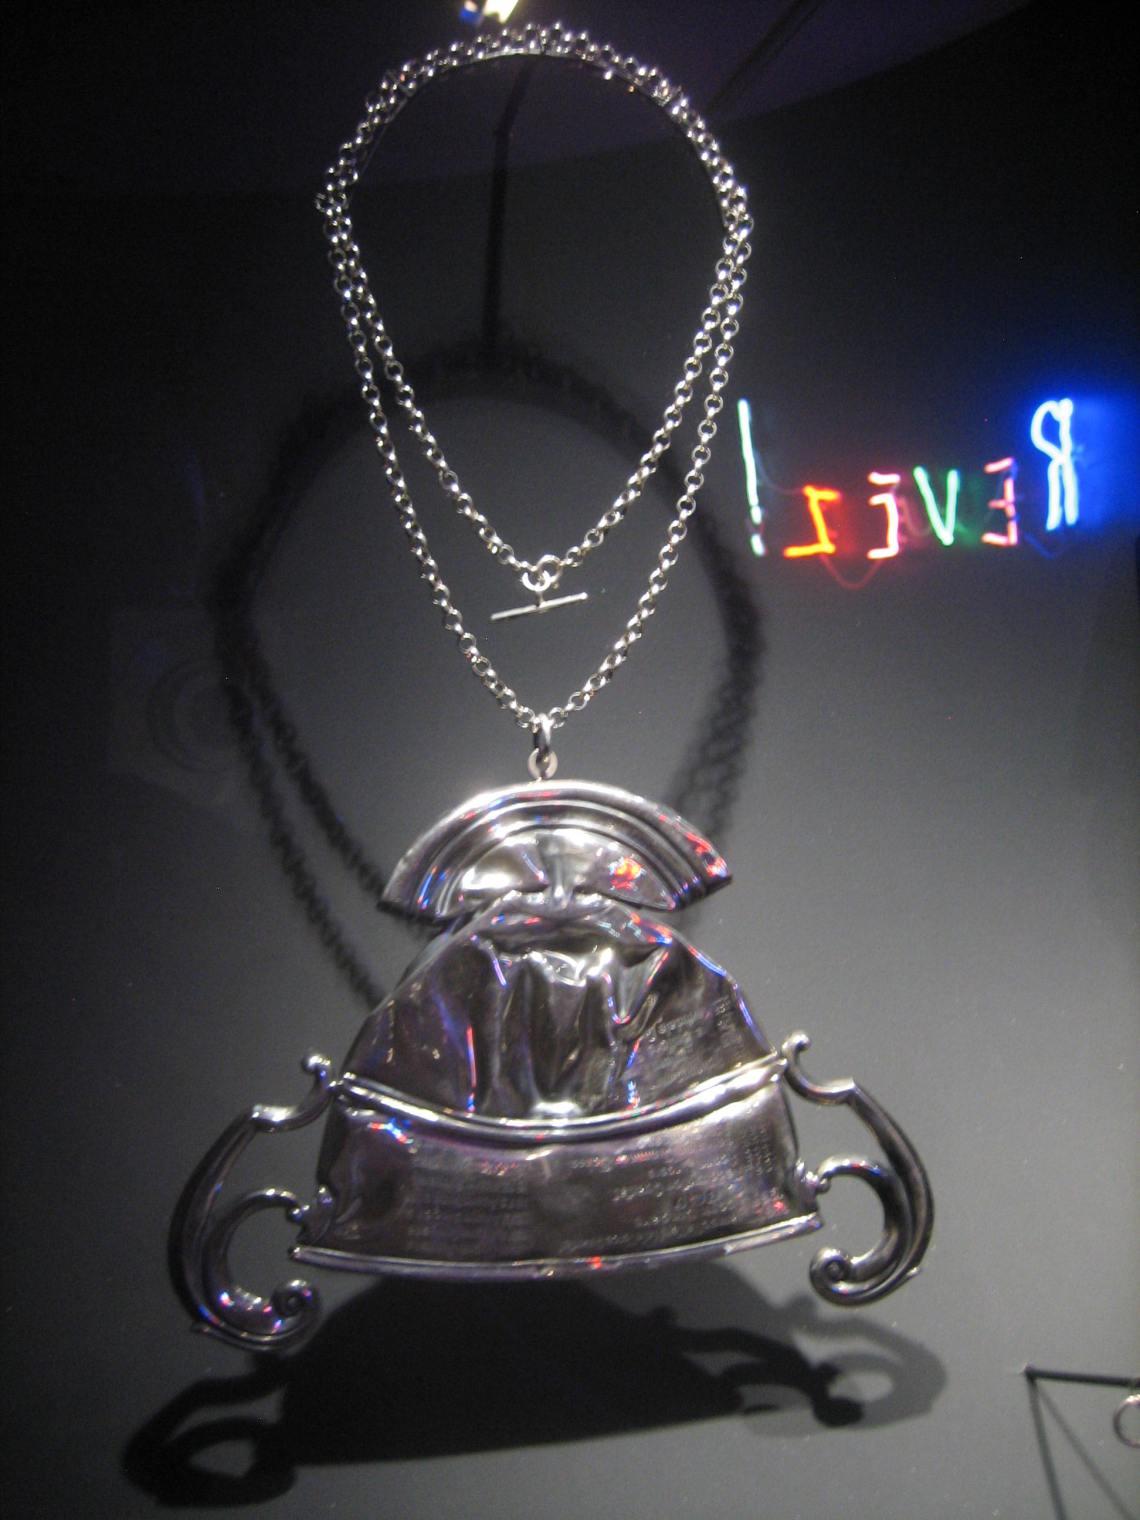 Cornelia Parker, Fallen Trophy (Medium), halssieraad, 2011. Collectie Diane Venet. Foto Esther Doornbusch, juni 2018©